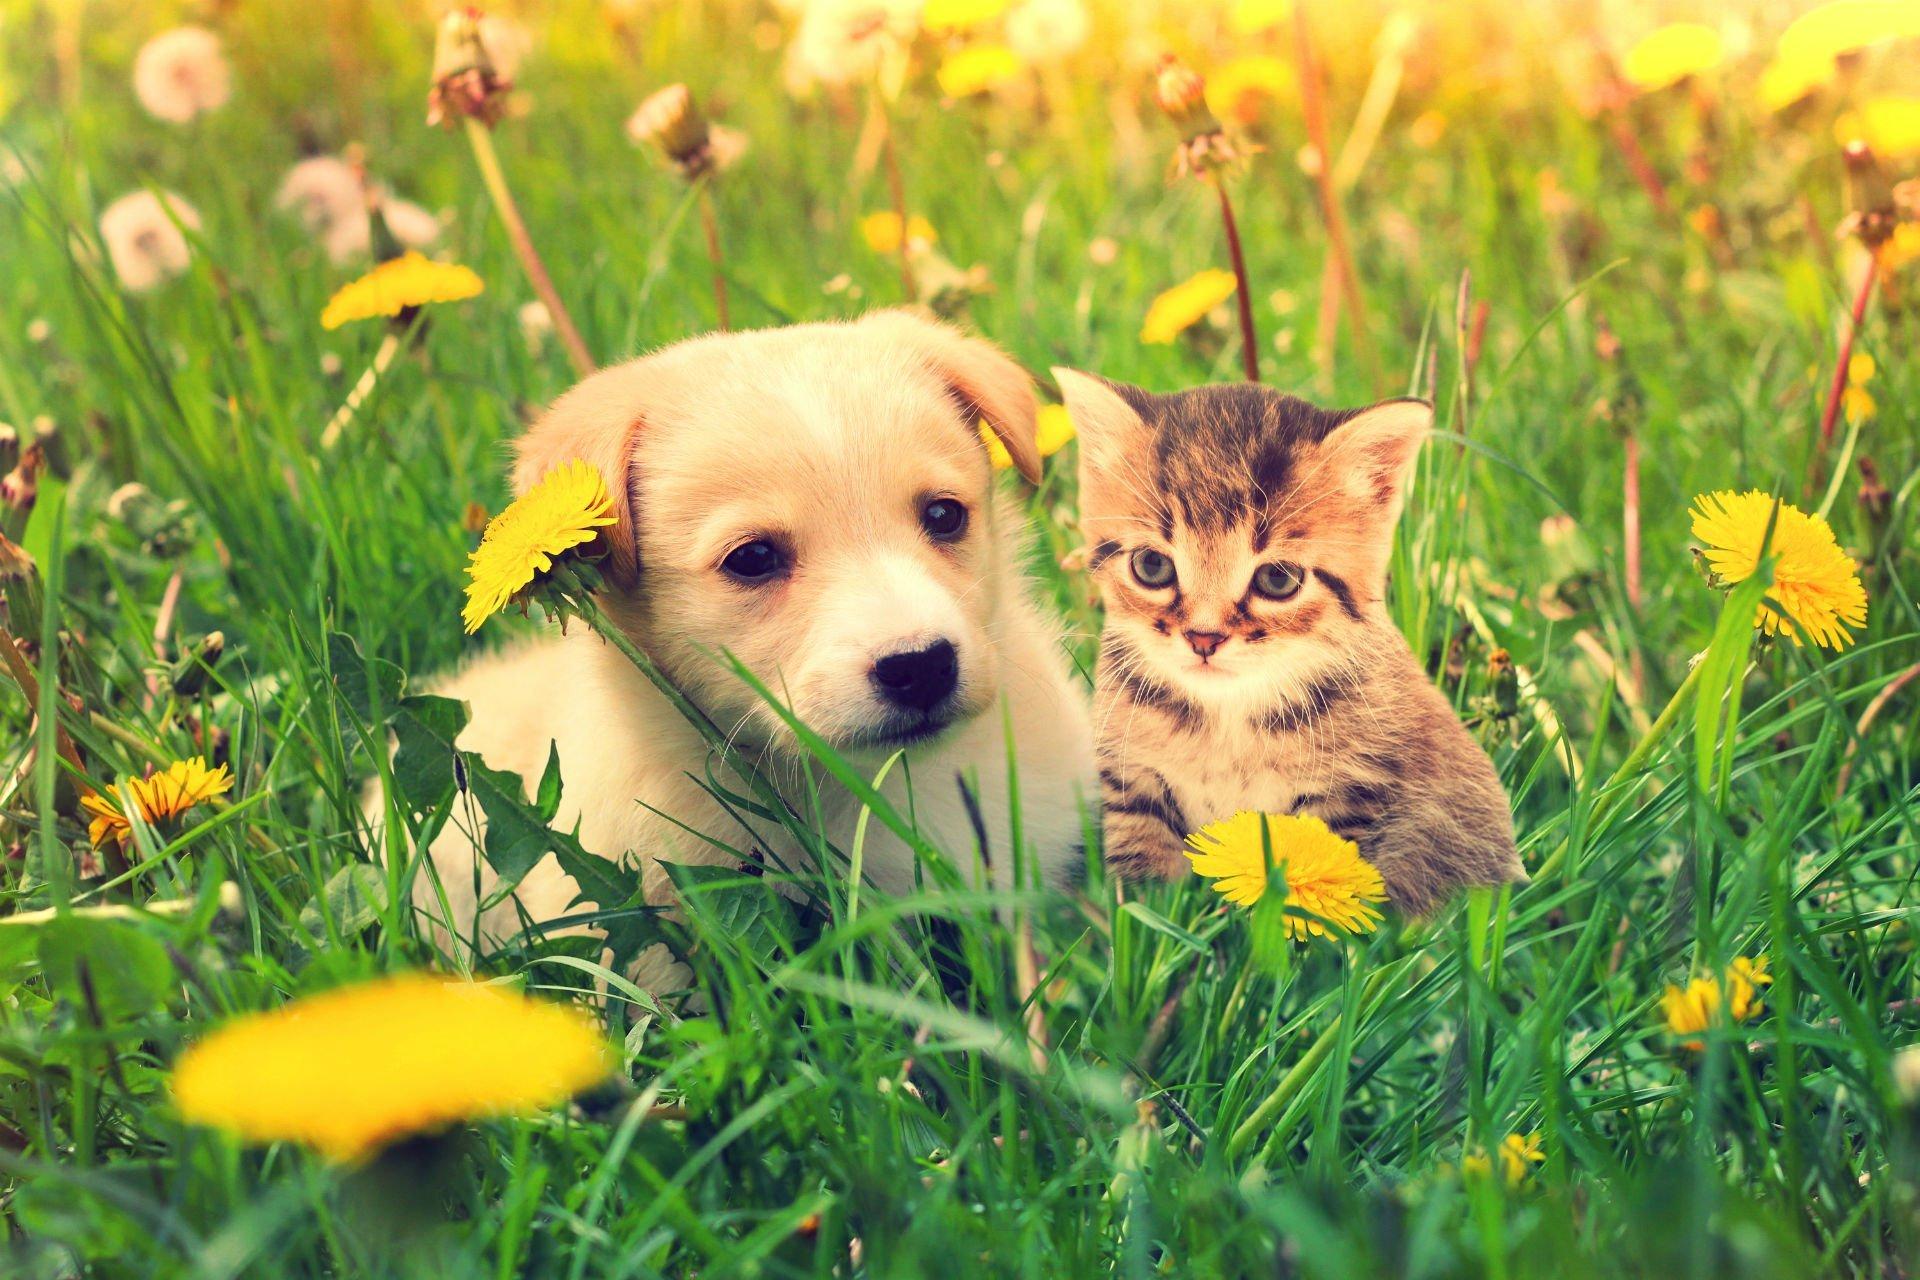 un cagnolino affianco a un gattino in un prato